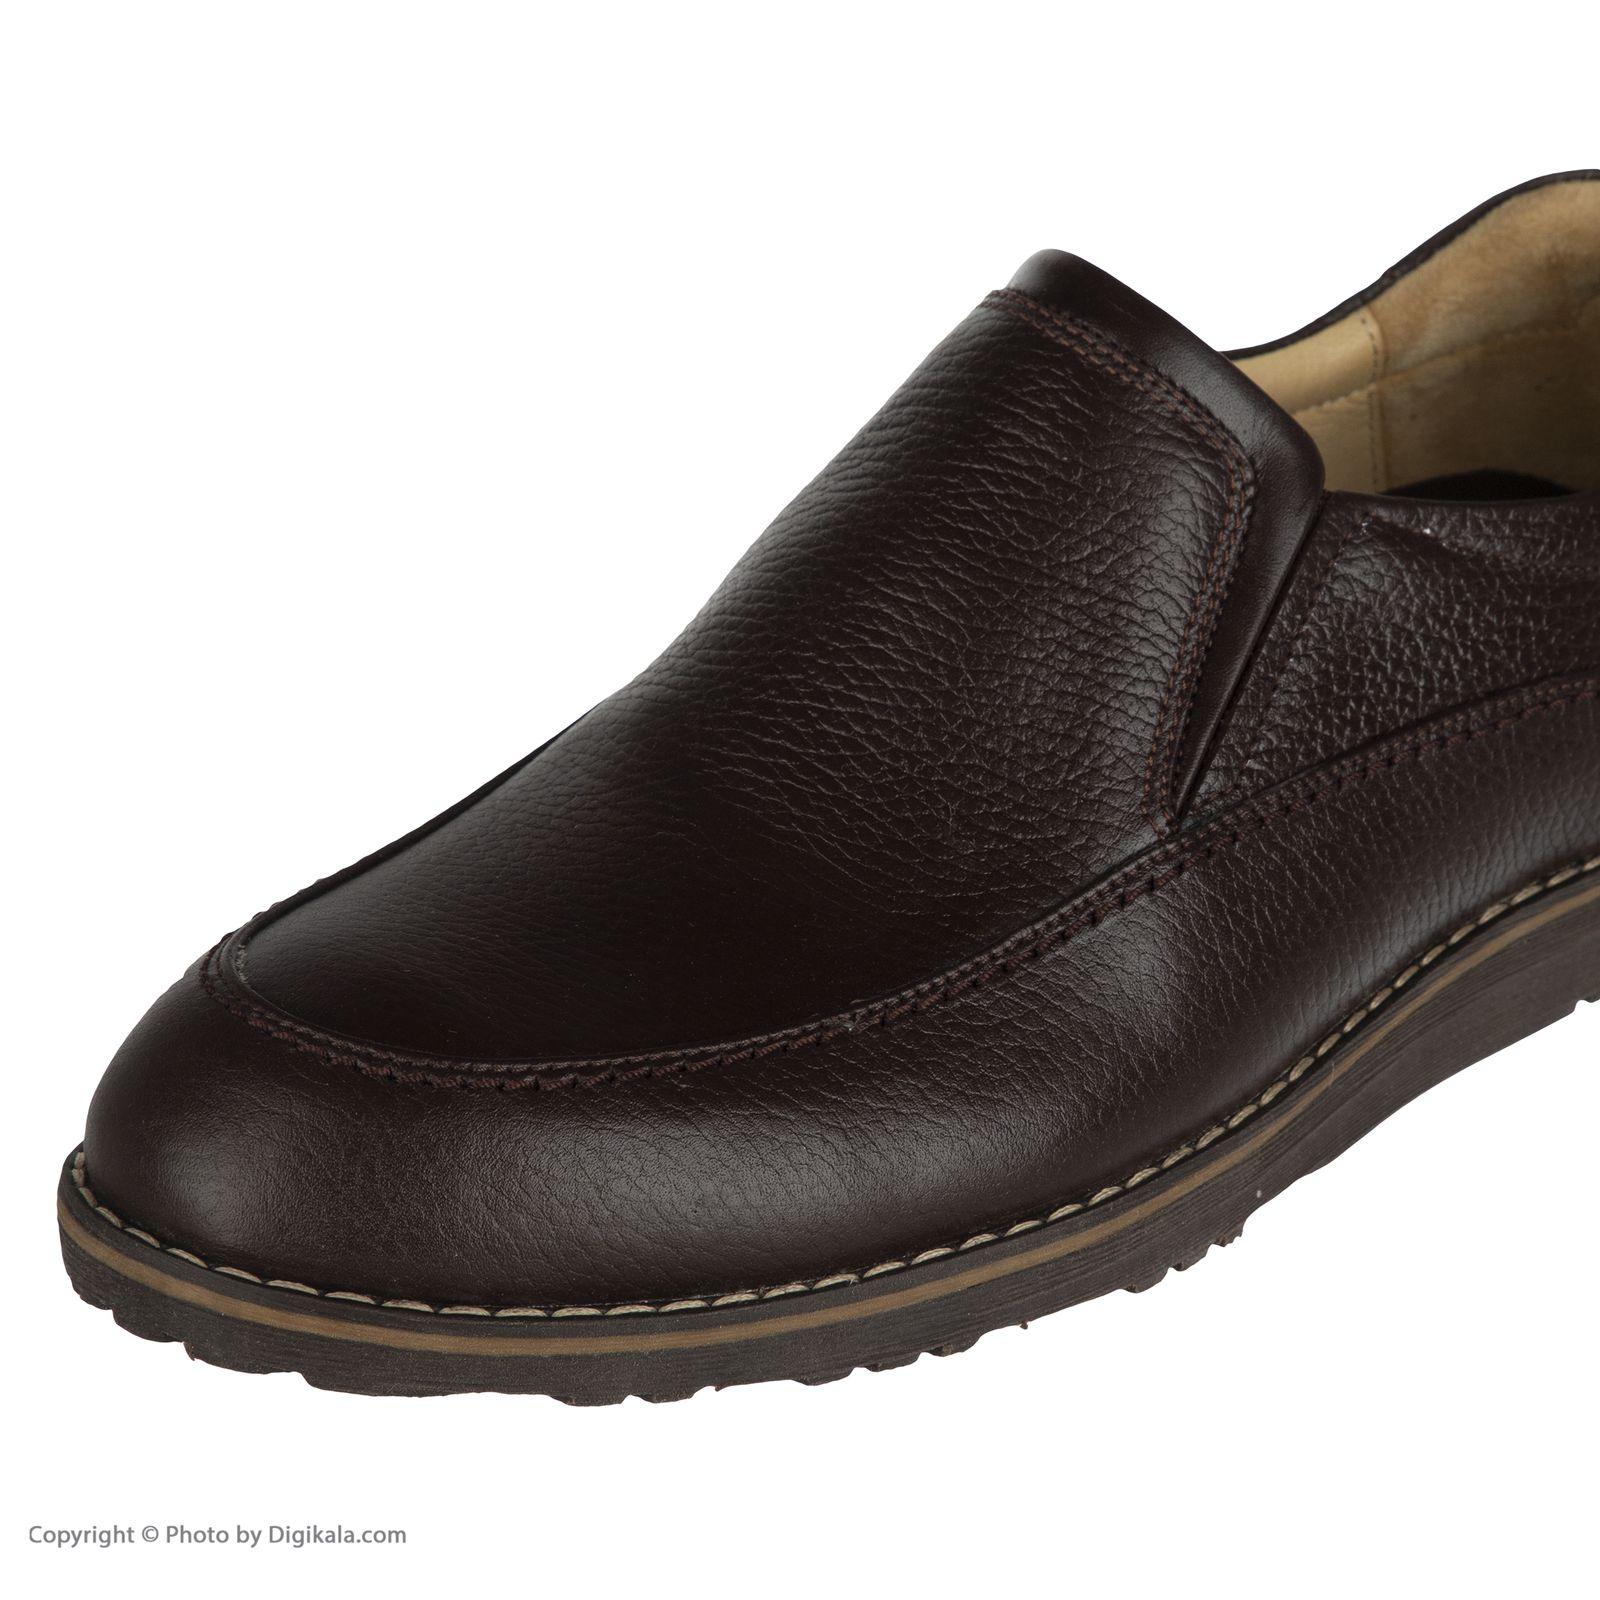 کفش روزمره مردانه سوته مدل 4824G503104 -  - 8